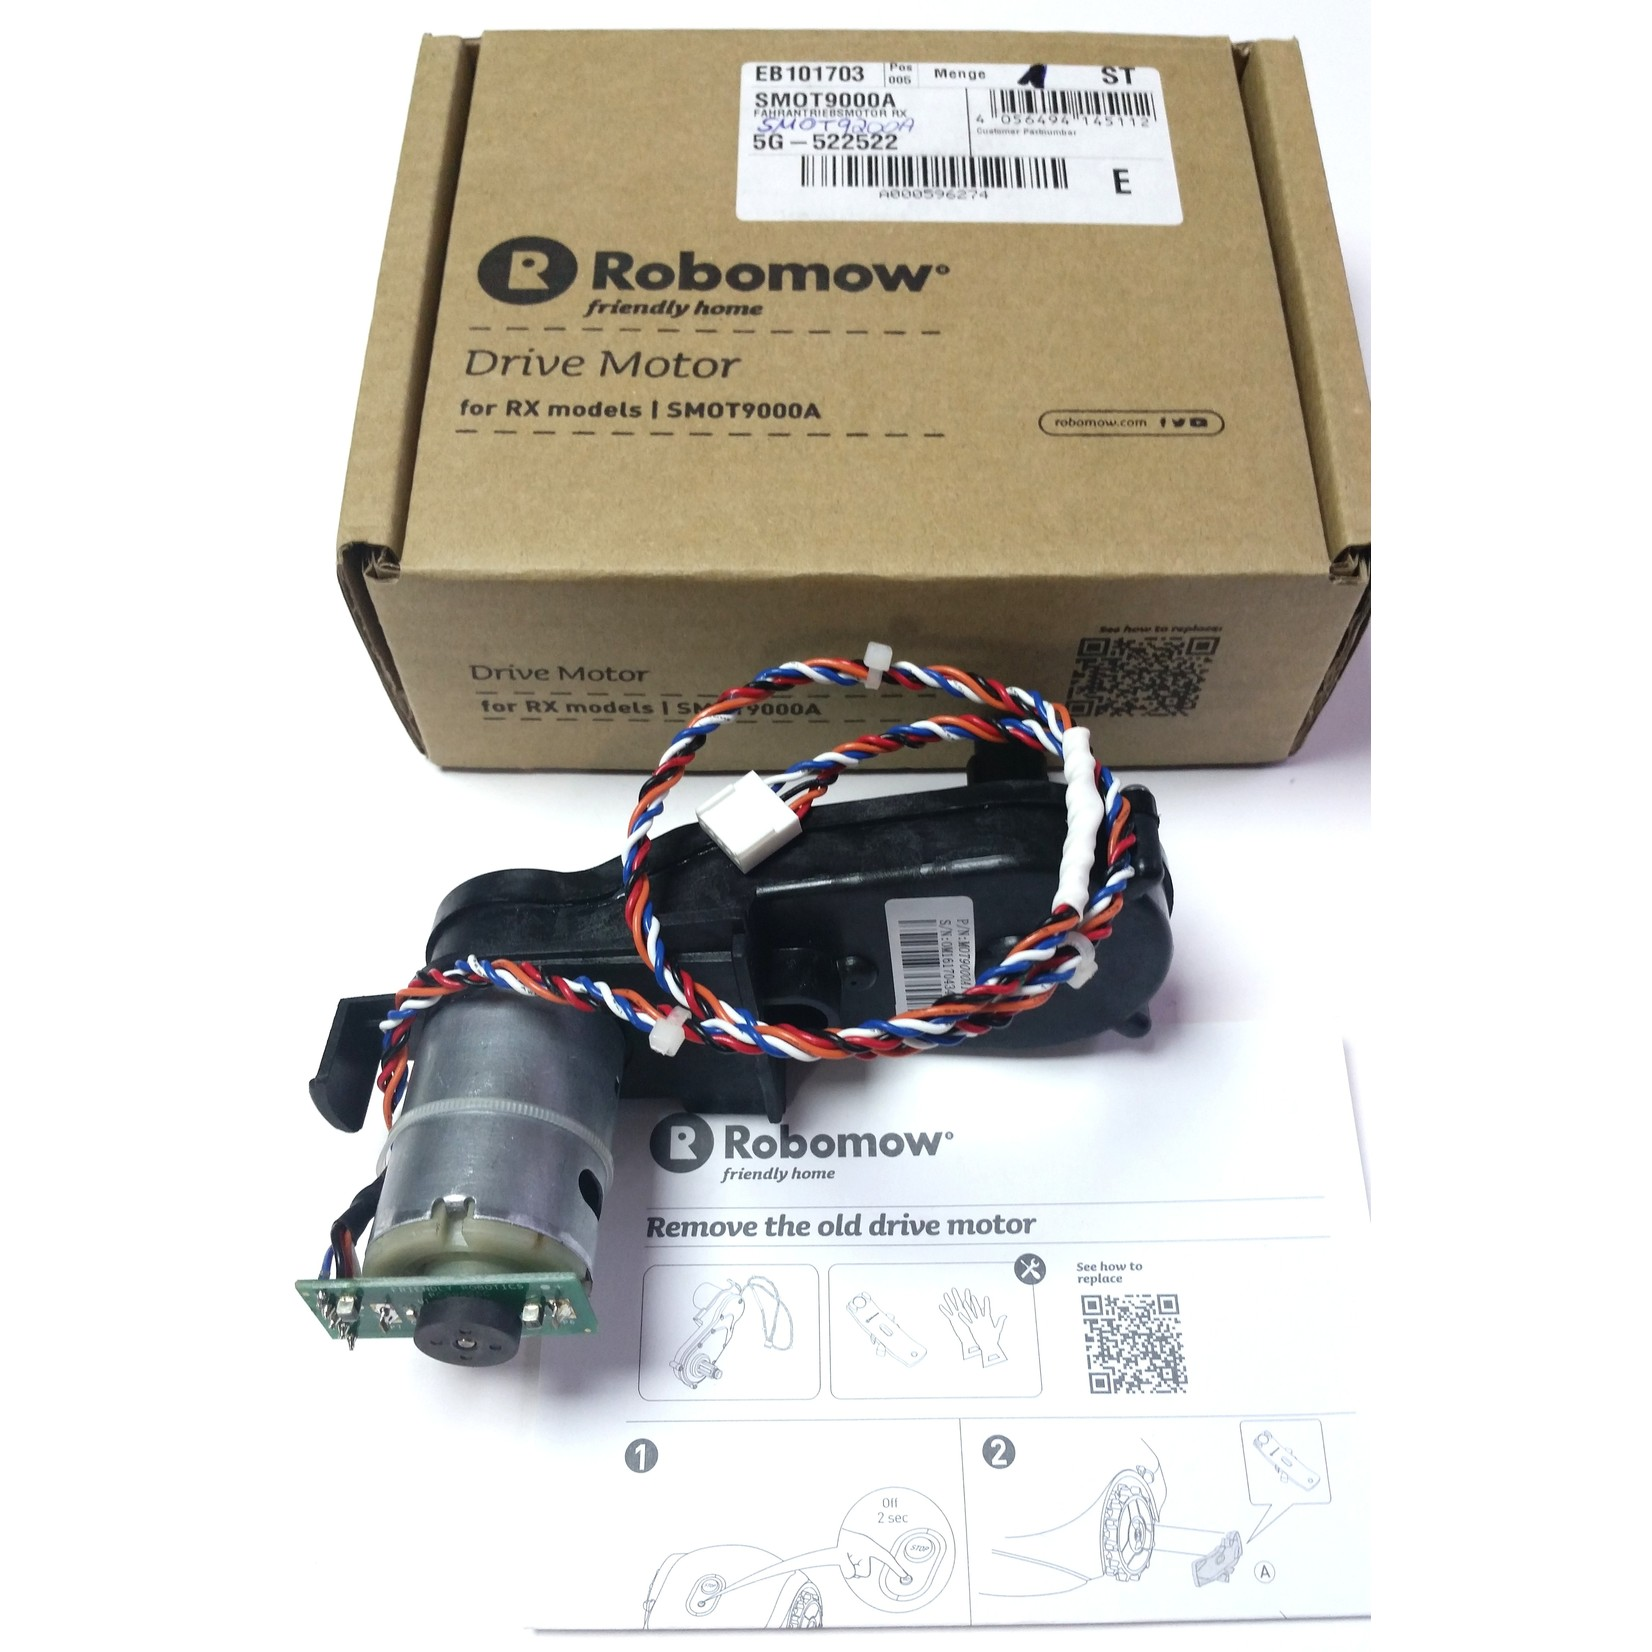 Robomow Robomow Antriebsmotor/Drive Motor RX SMOT9000A/SMOT9200A